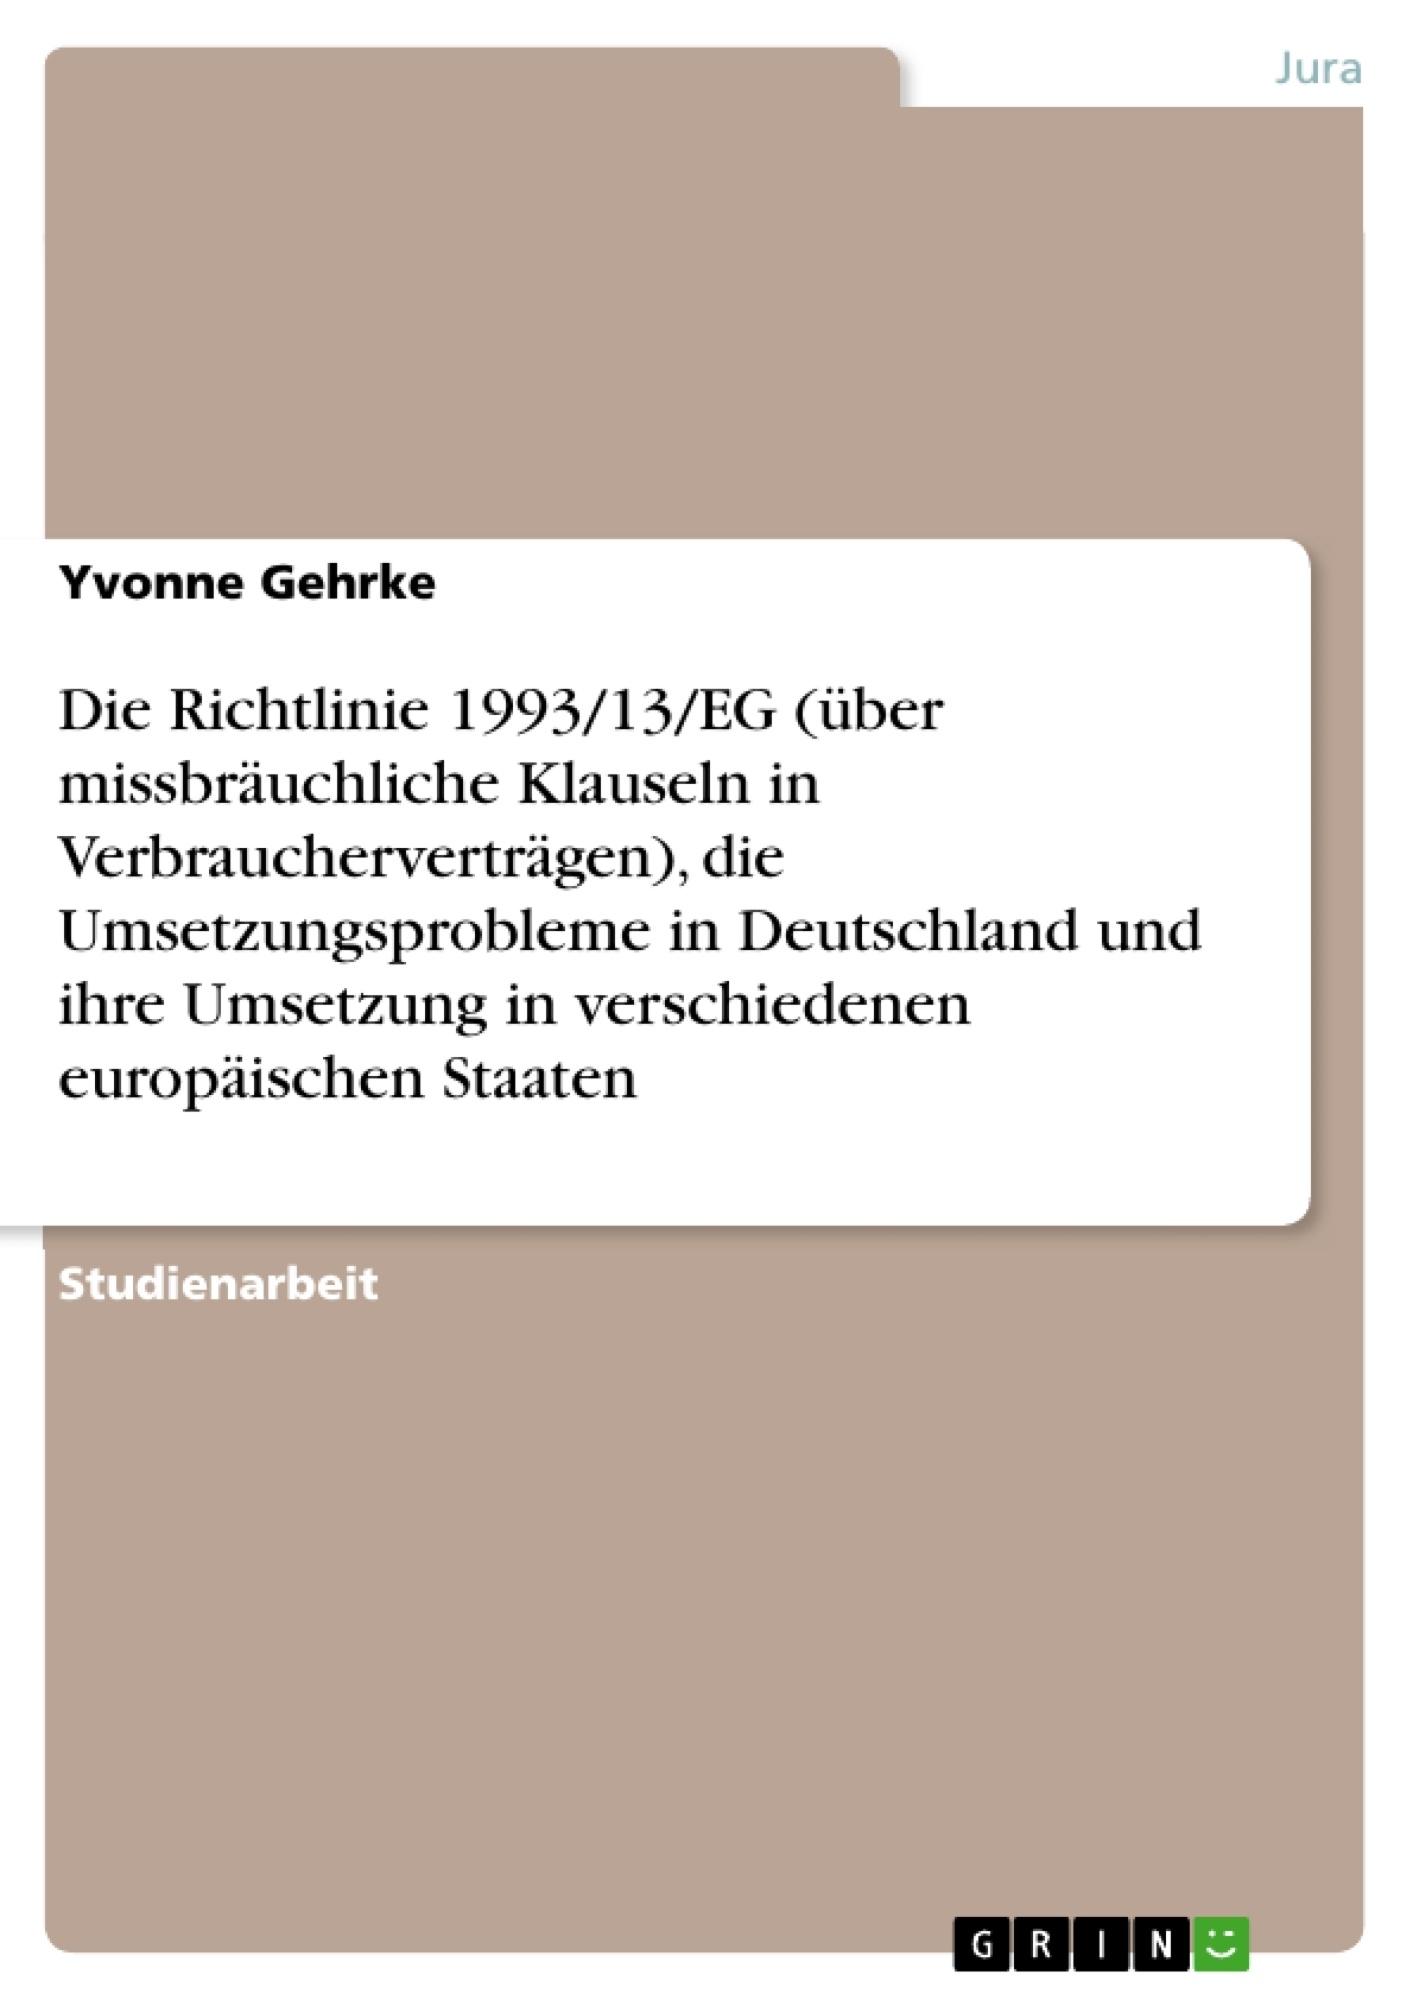 Titel: Die Richtlinie 1993/13/EG (über missbräuchliche Klauseln in Verbraucherverträgen), die Umsetzungsprobleme in Deutschland und ihre Umsetzung in verschiedenen europäischen Staaten